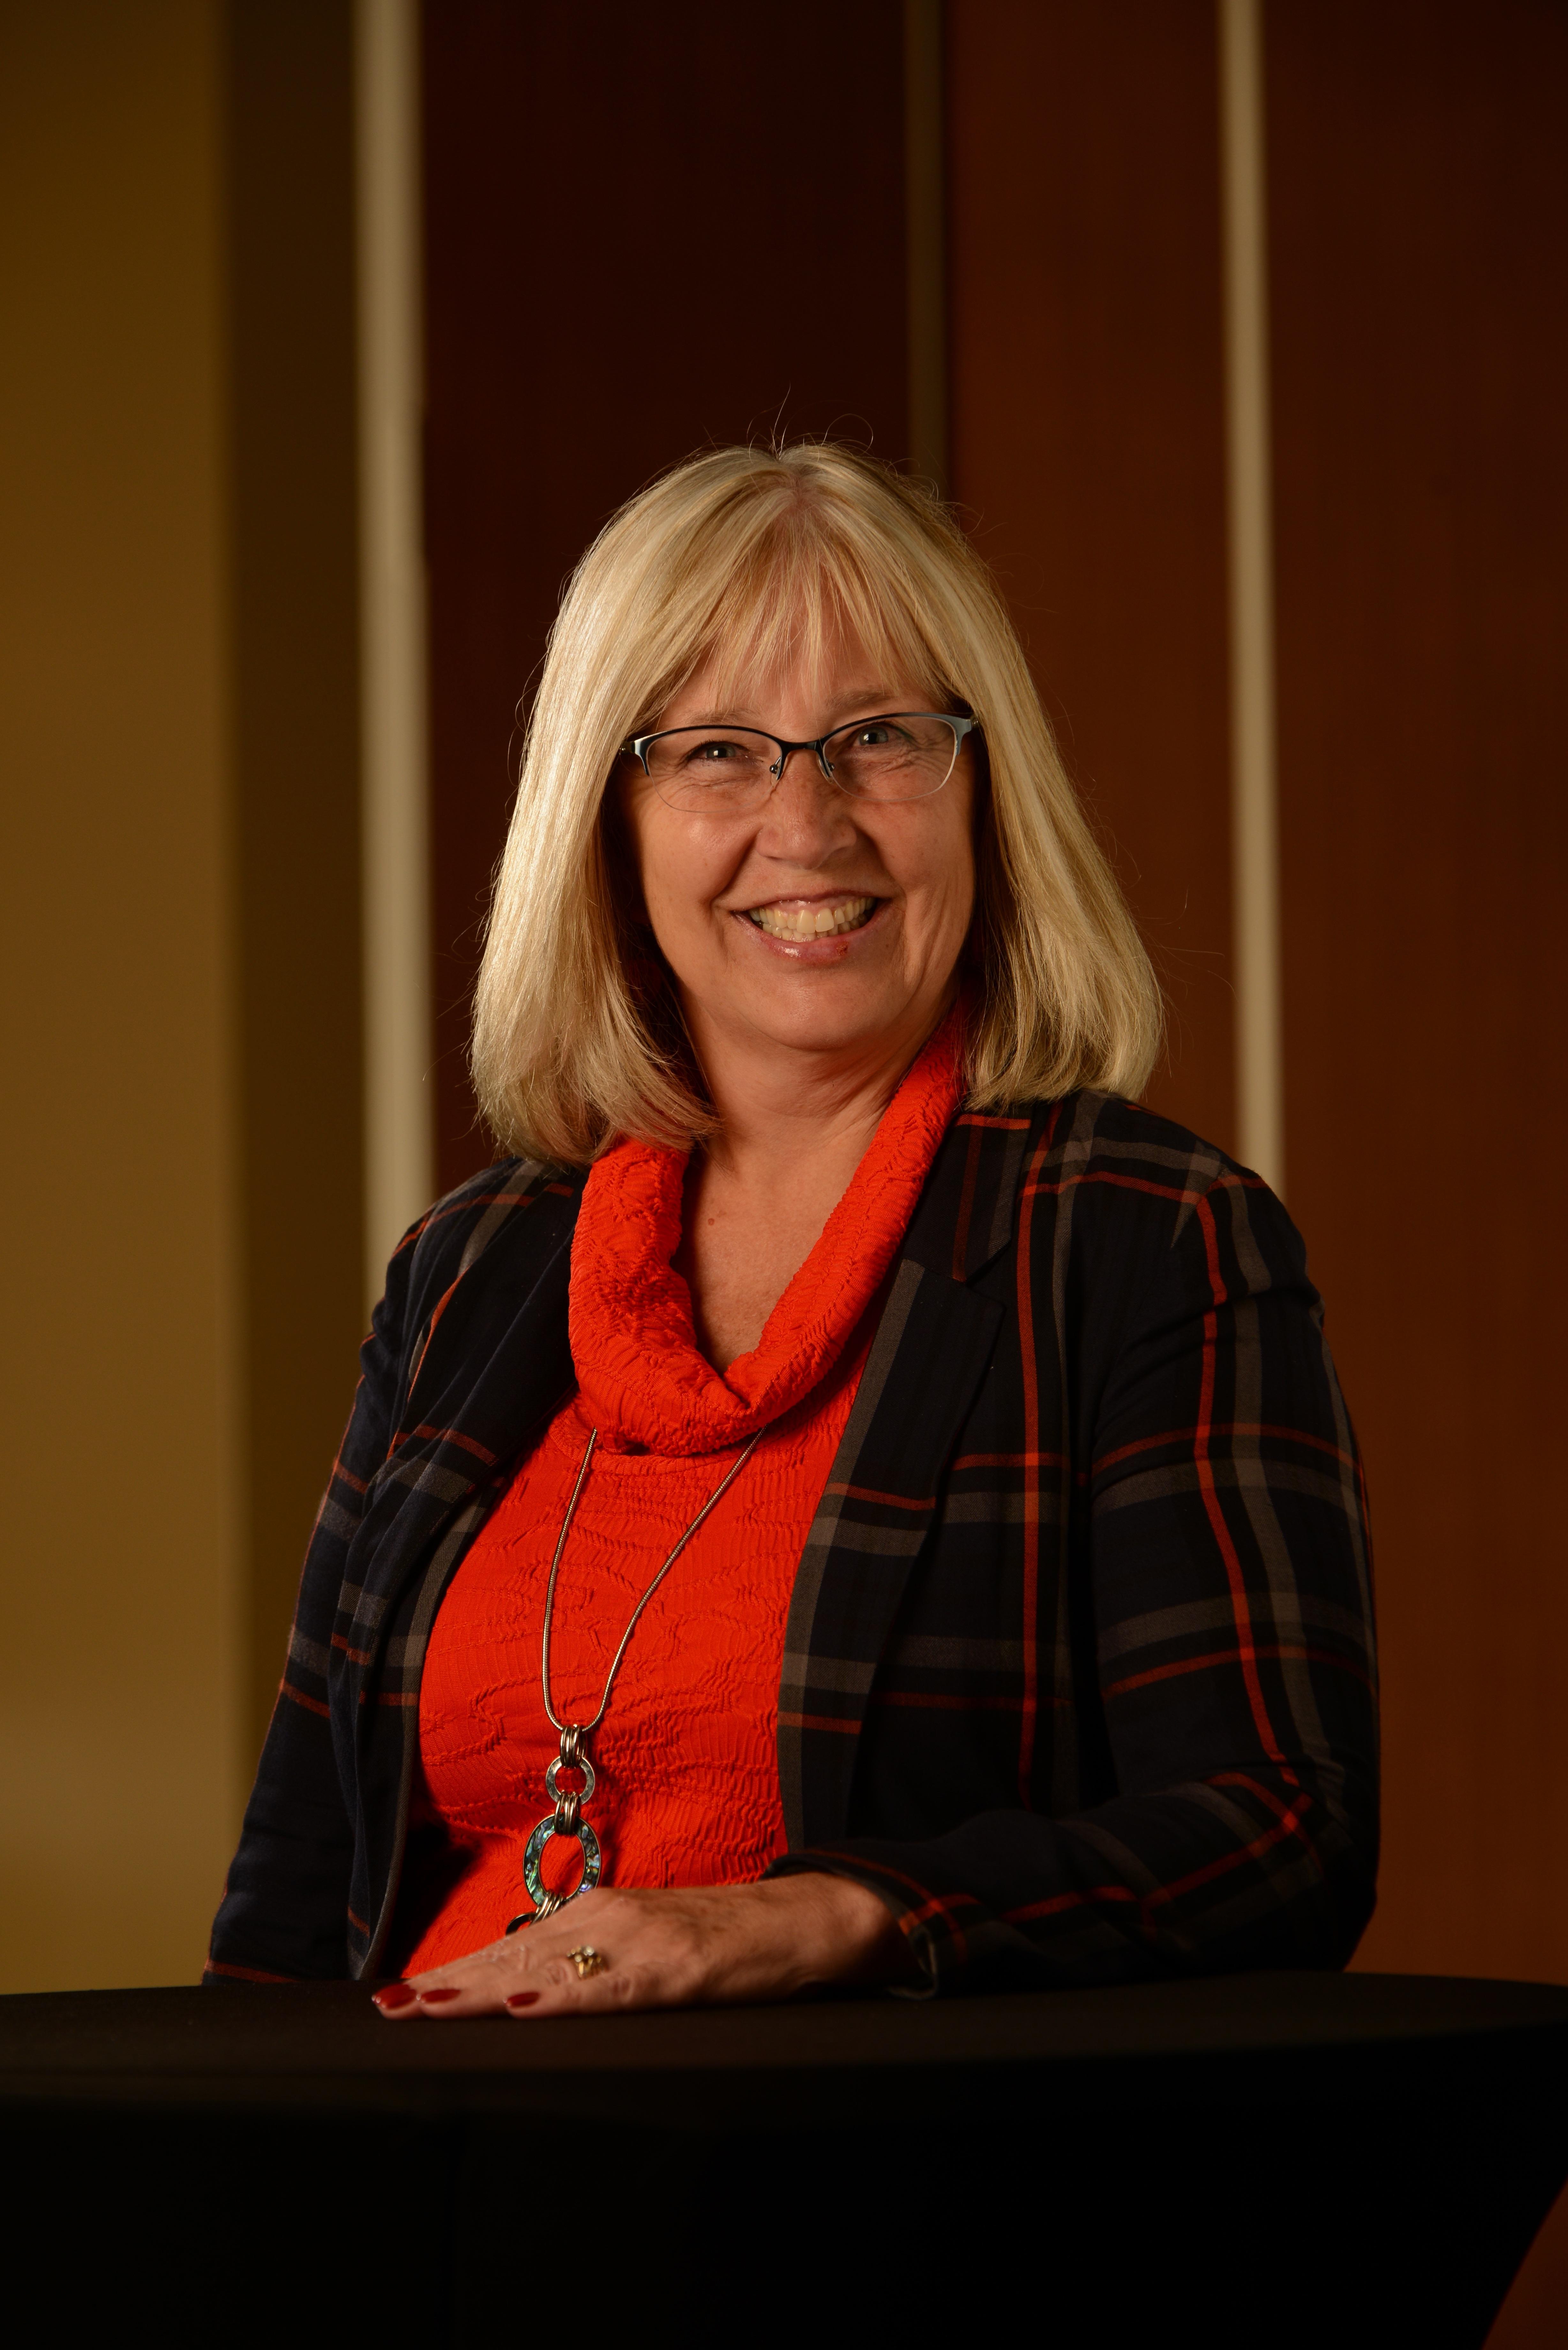 Headshot of Allison Ammeter